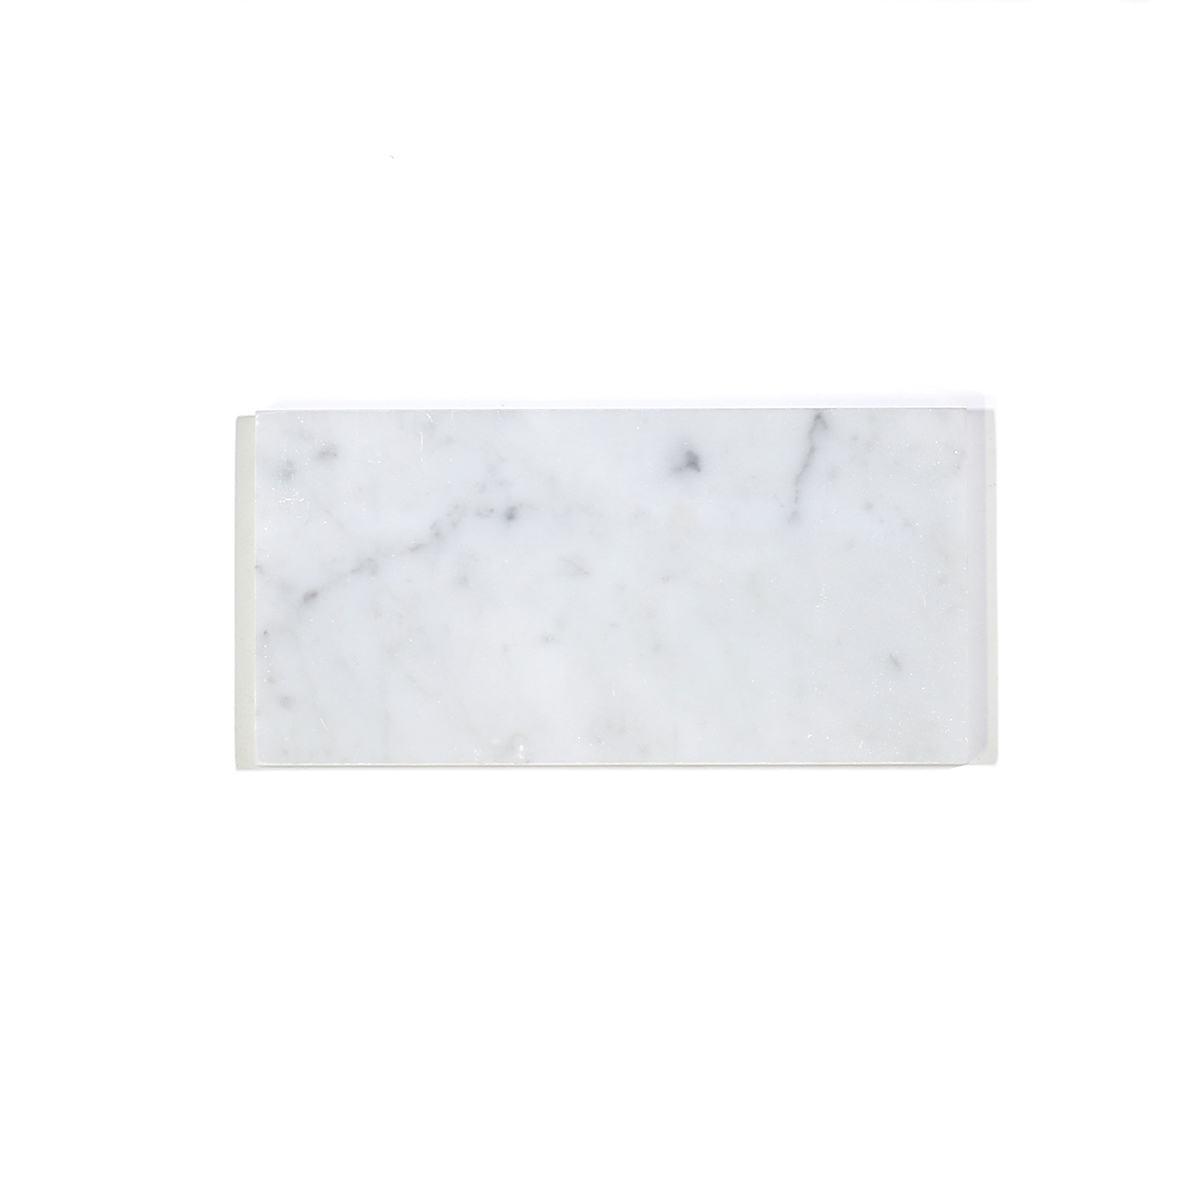 MA340-WCP  3 x 6 White Carrara POLISHED